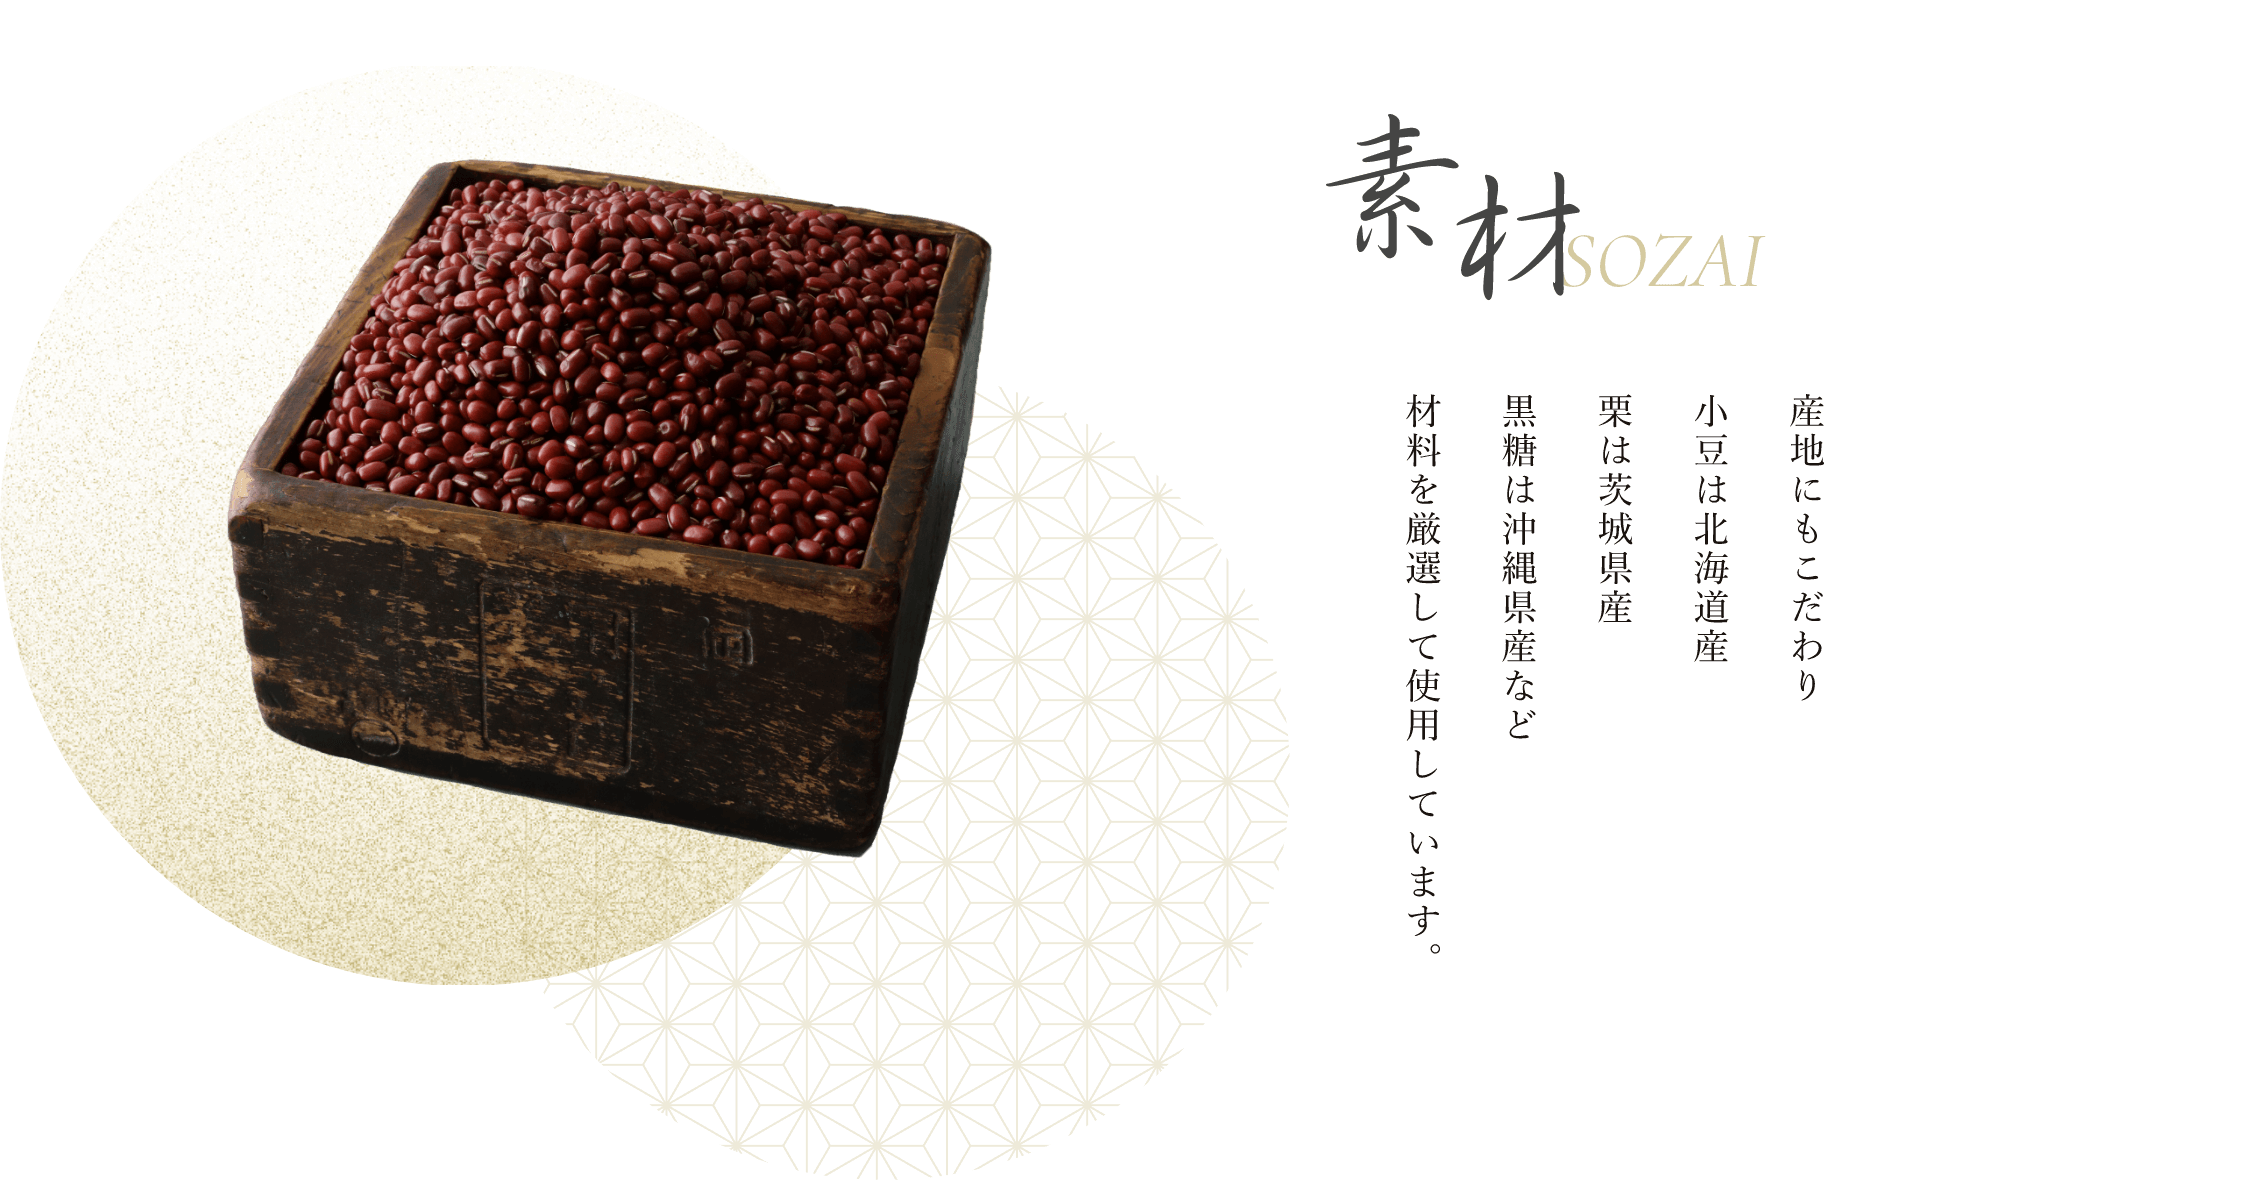 素材 産地にもこだわり小豆は北海道産、栗は茨城県産、黒糖は沖縄県産など、材料を厳選して使用しています。